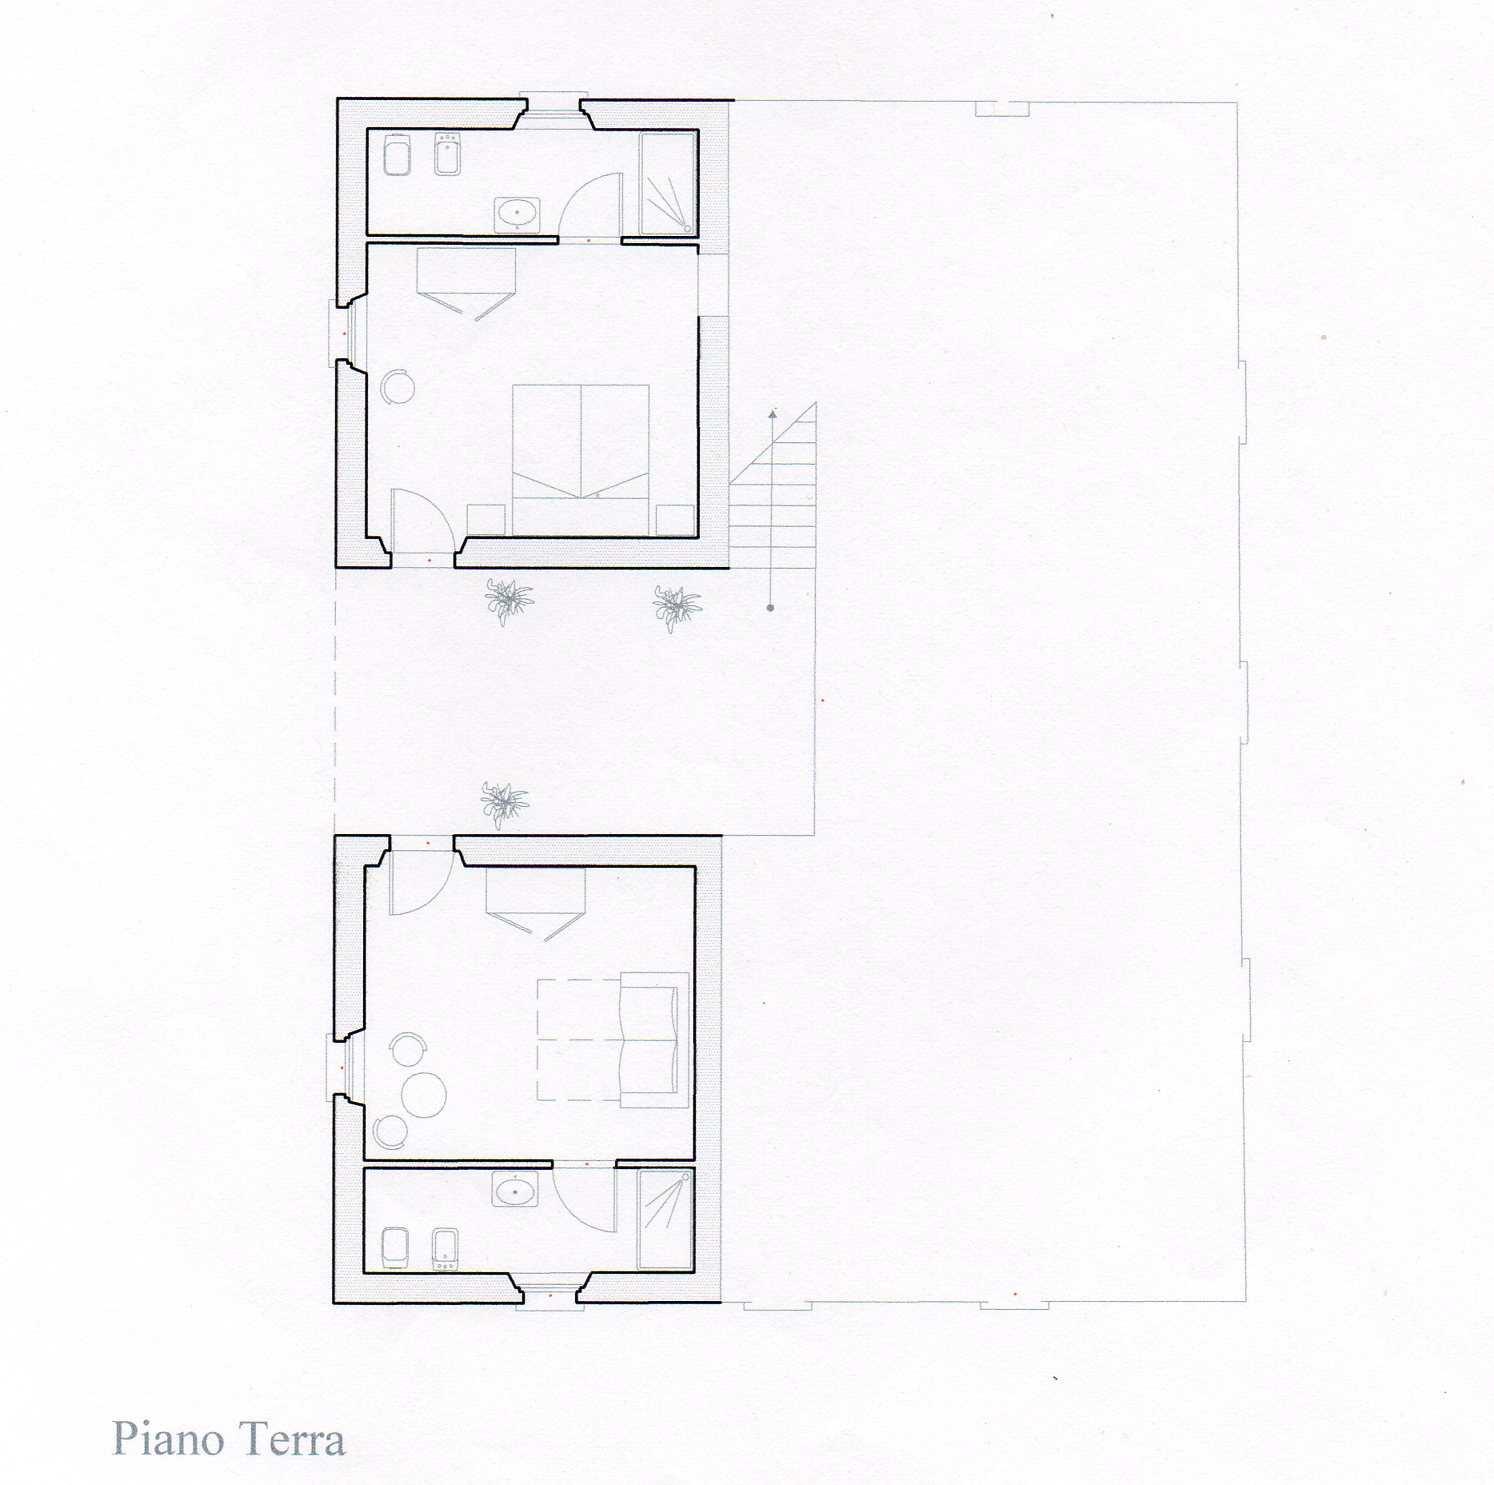 villa volterra gruond floor map